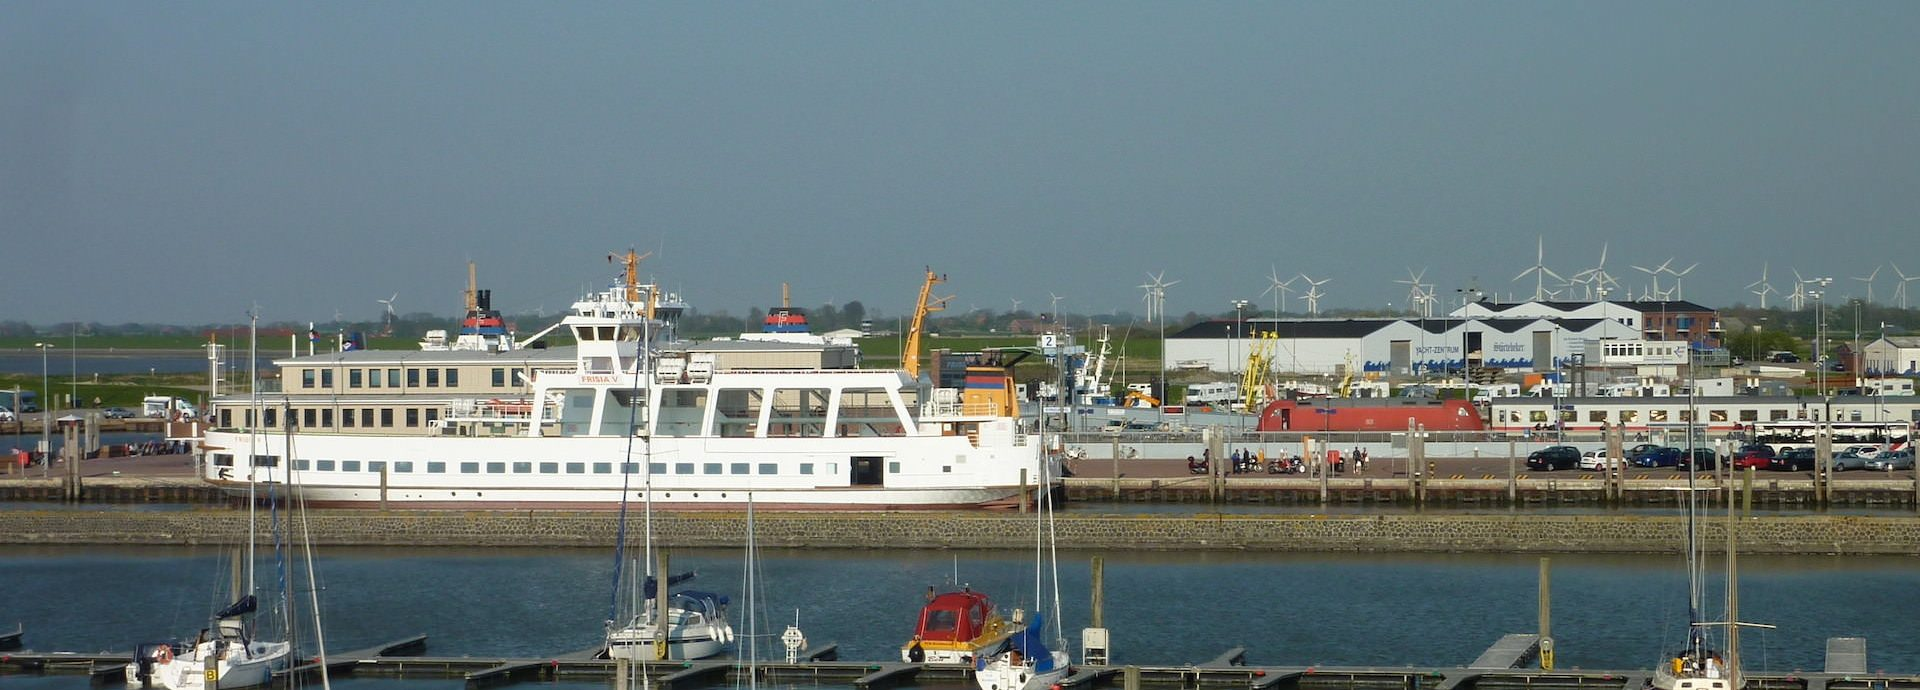 Norddeich Mole-Fähre nach Norderney